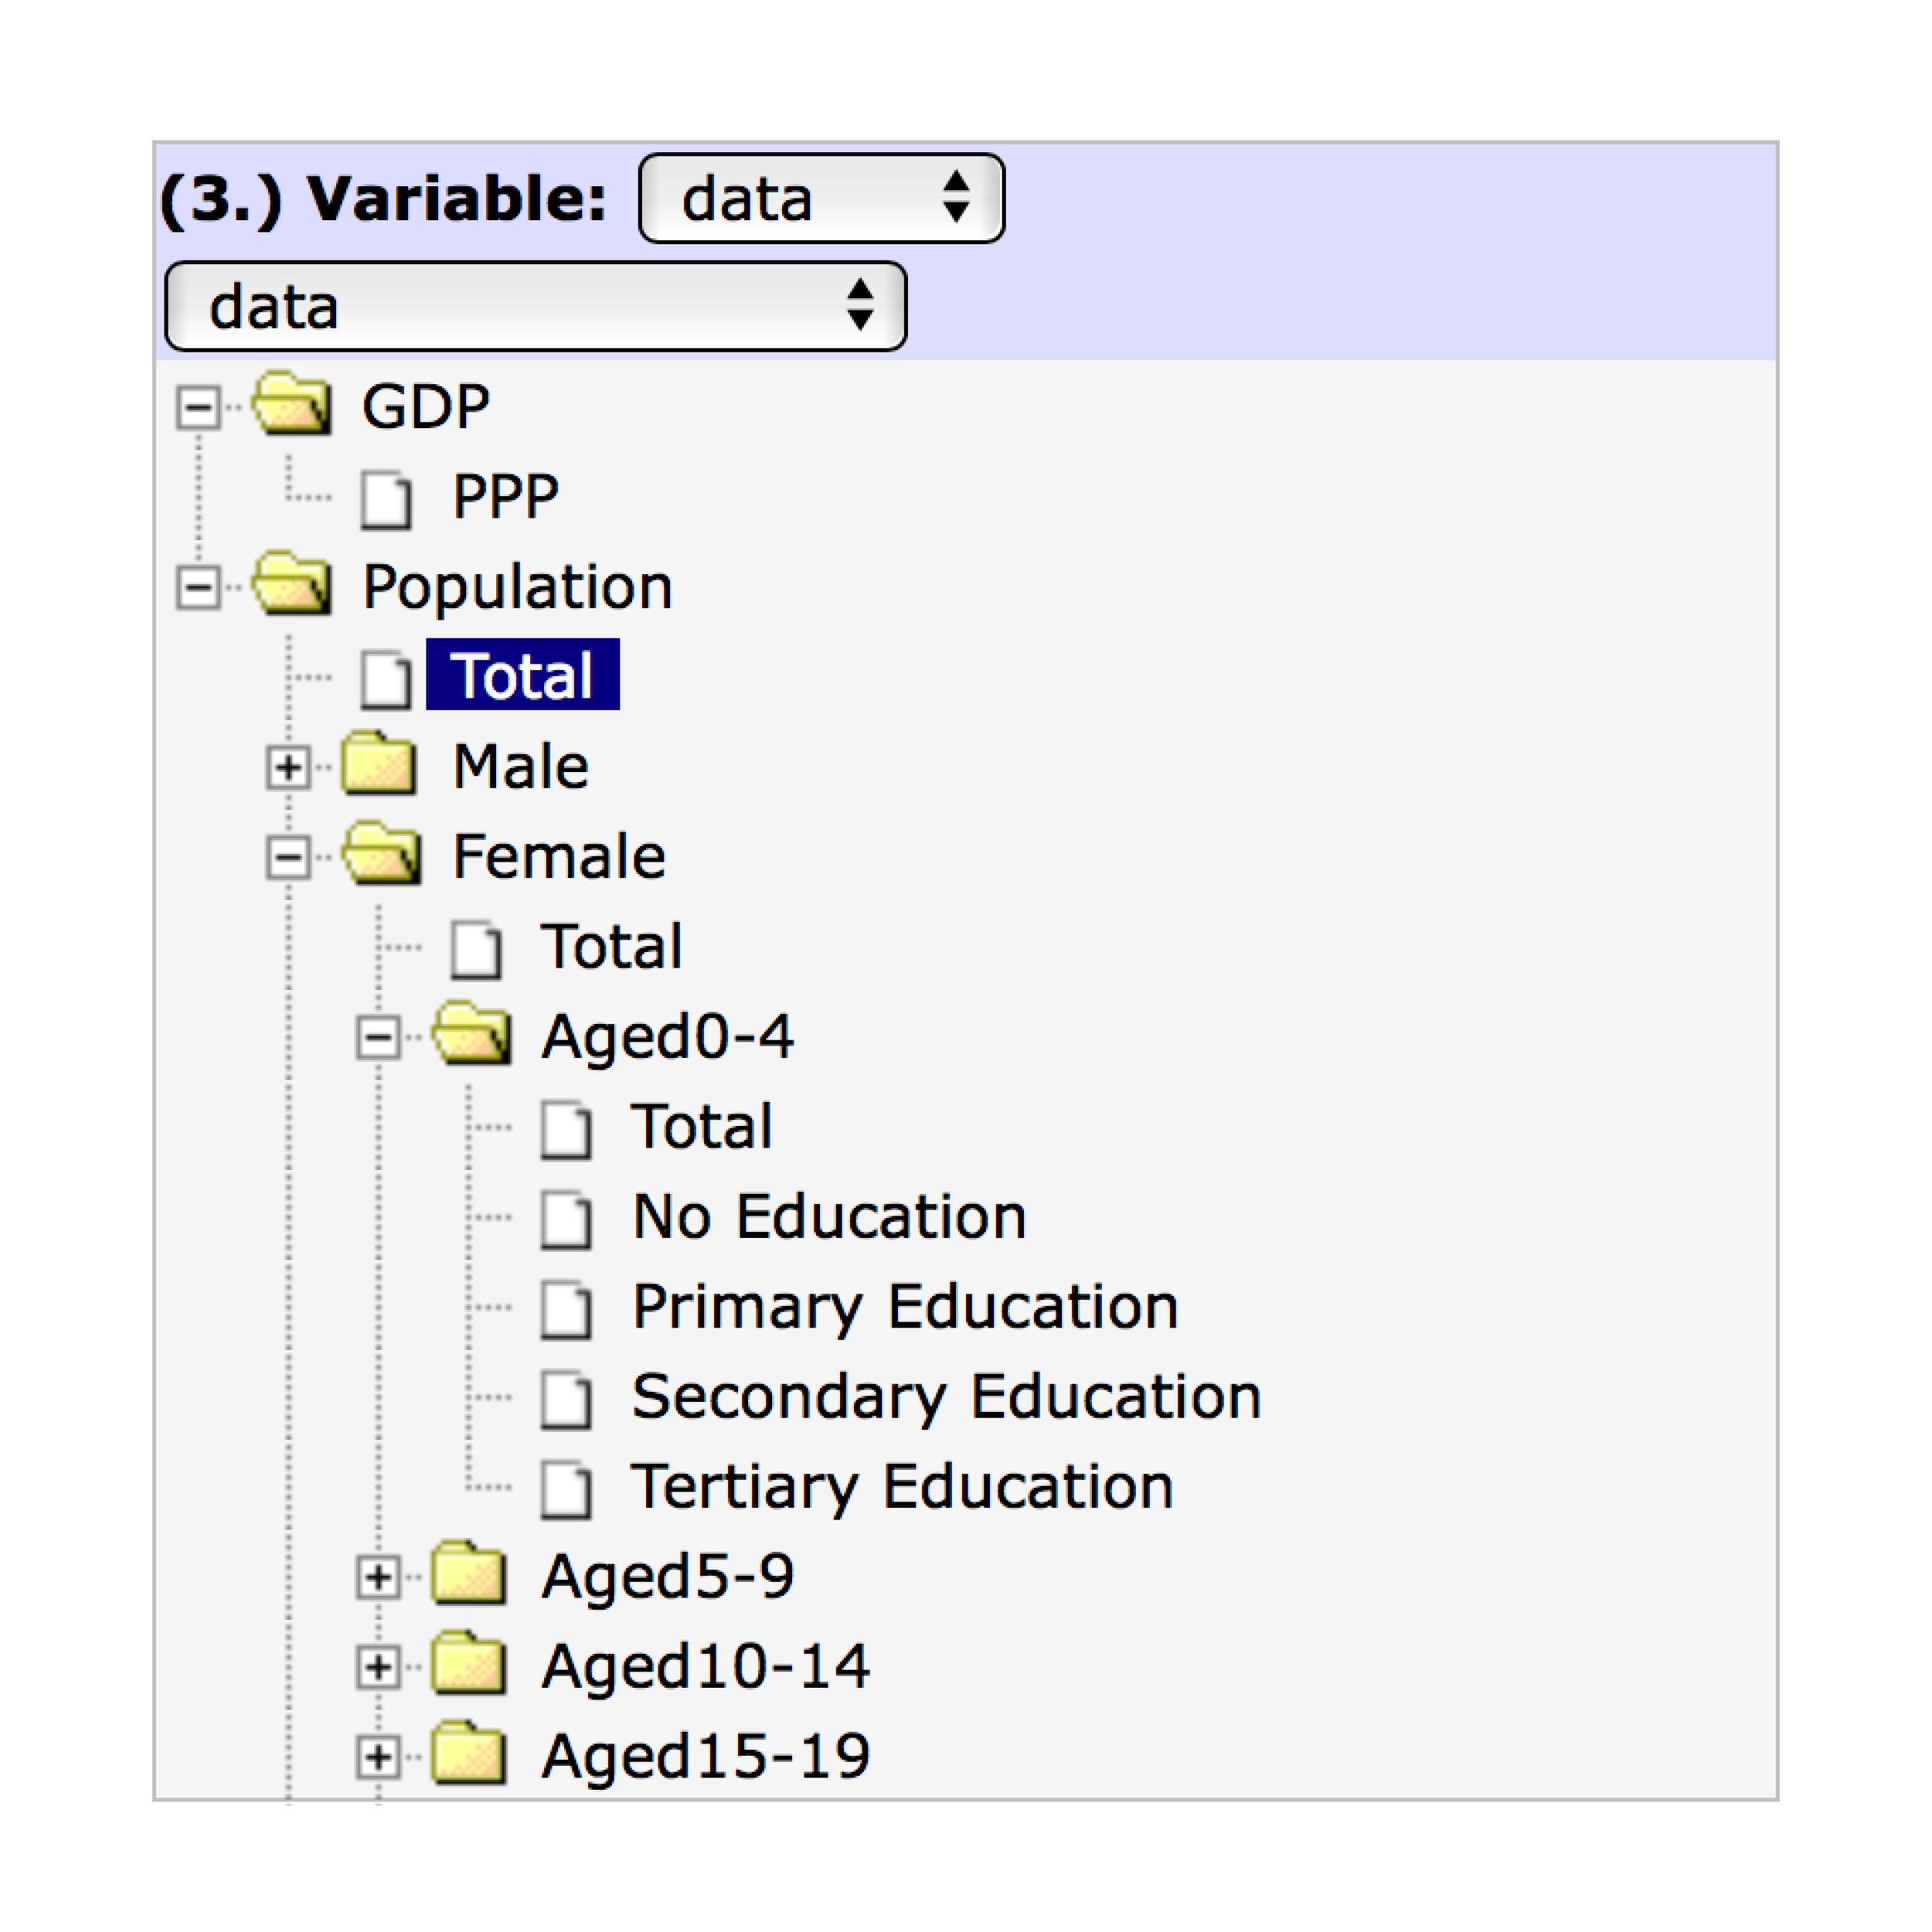 Aufbau der Datenbank des IIASA (International Institute for Applied Systems Analysis), anhand derer Daten wir Visualisierungen erstellt haben.  In der Datenbank wird die Anzahl der Population in Männlich/weiblich und in der Kategorie Alter in 5 Jahresschritten aufgeteilt.